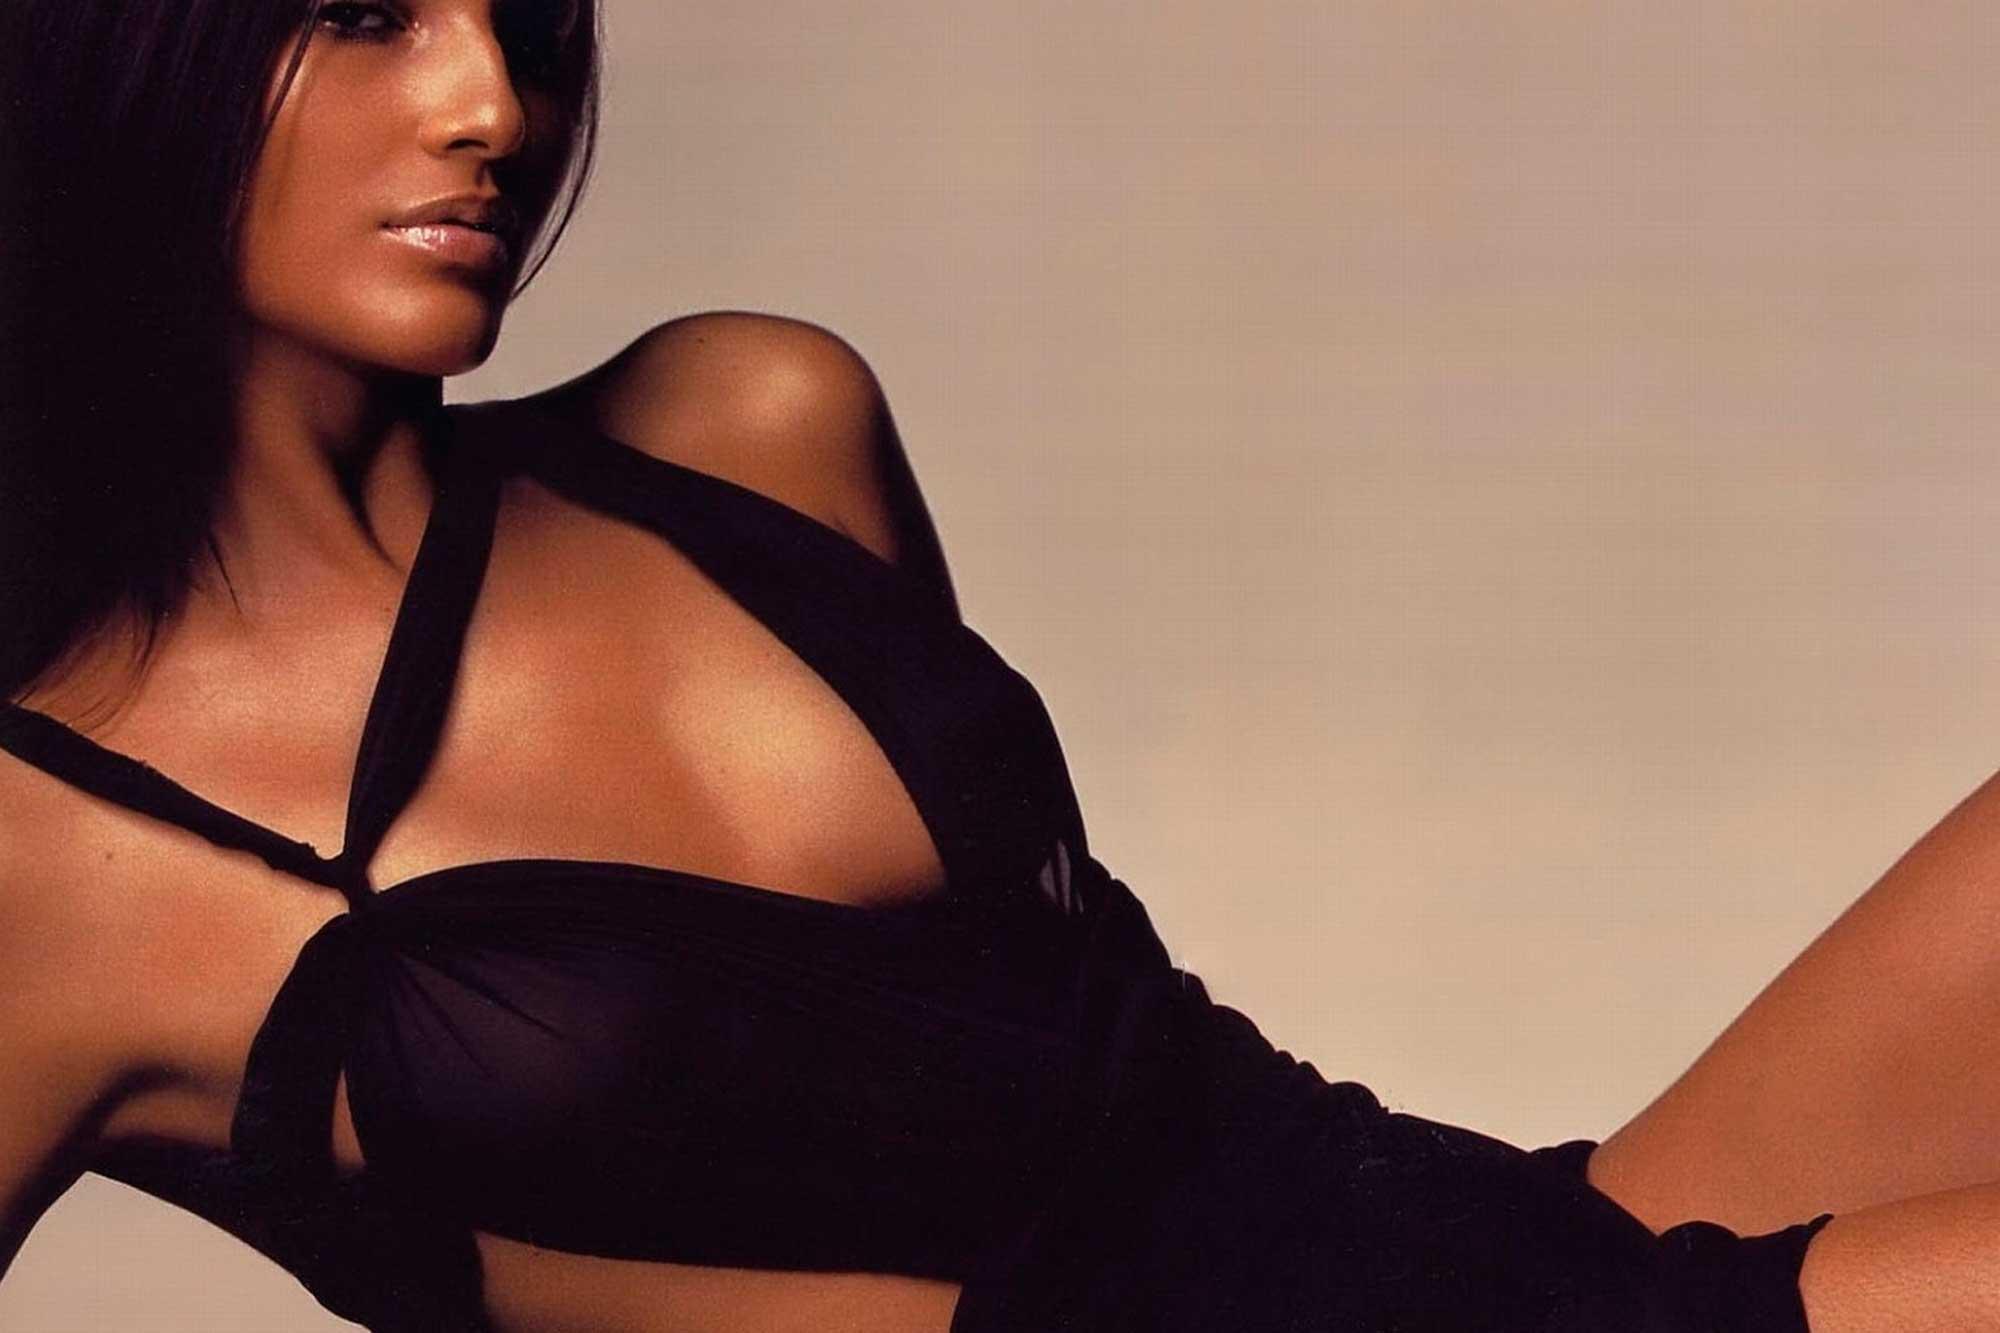 Загорелое женское тело фото, тети груди мулатки жарят